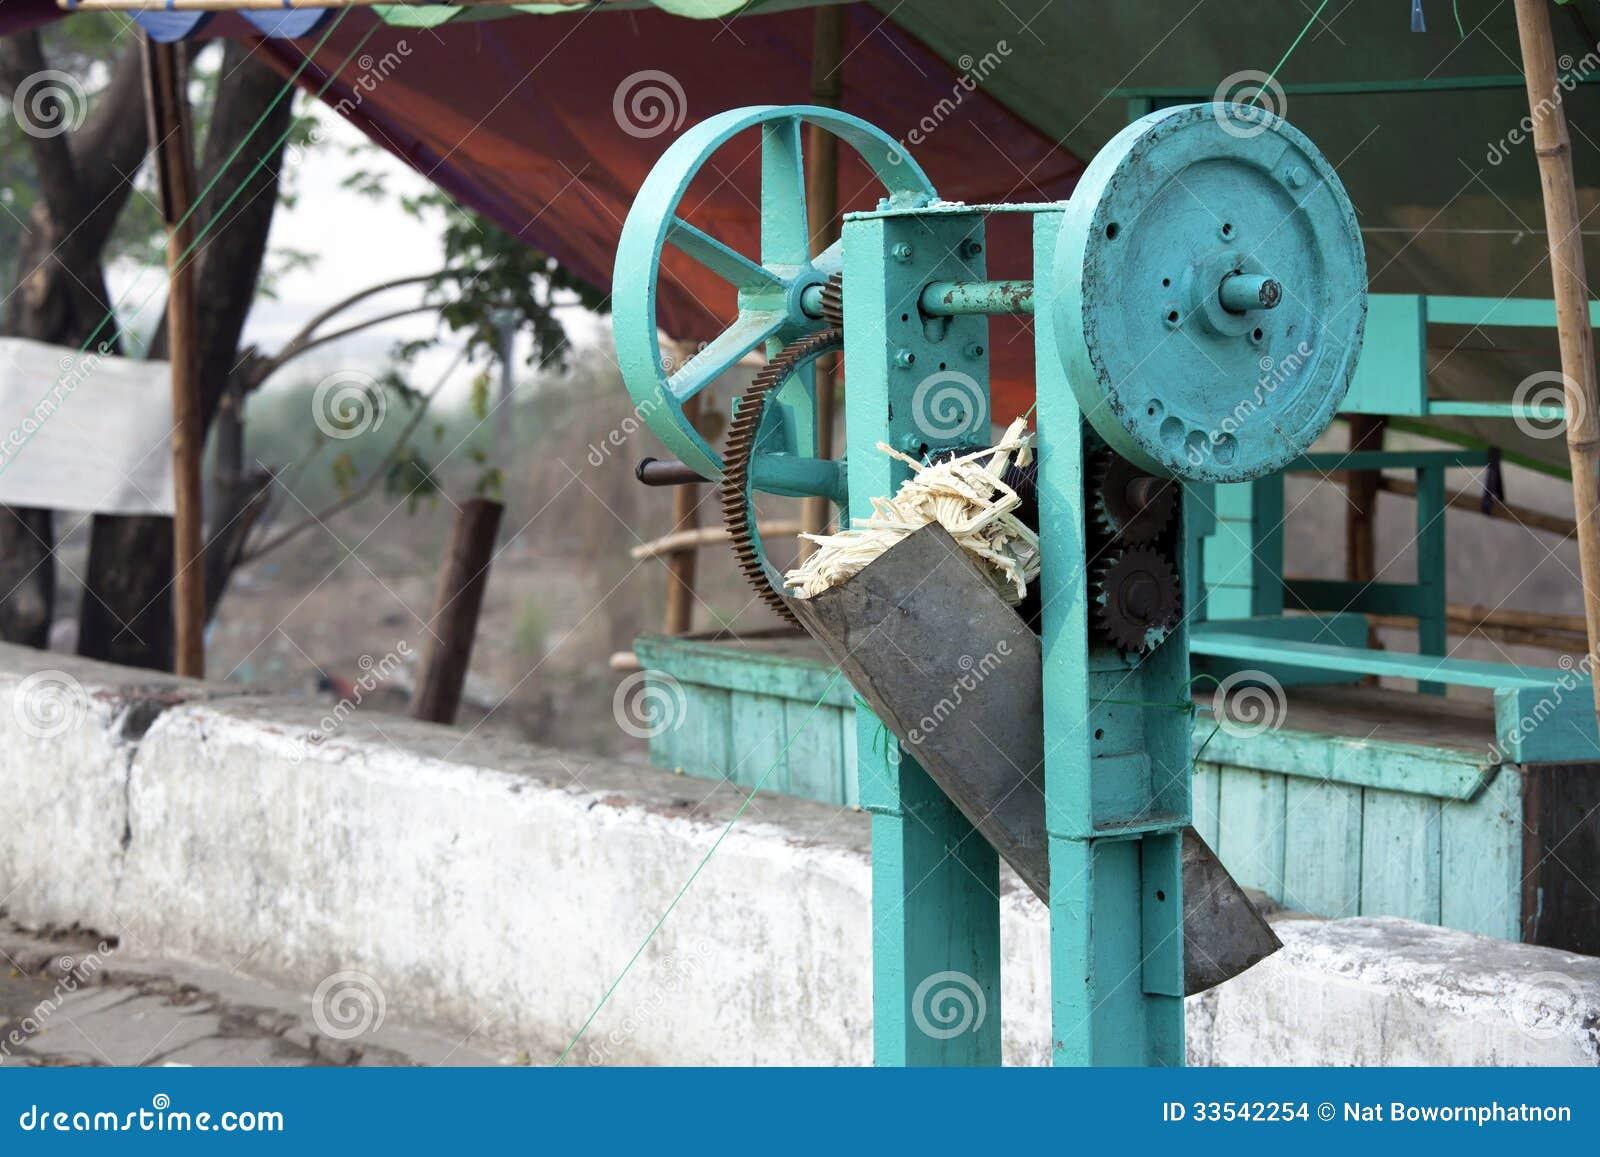 sugar press machine